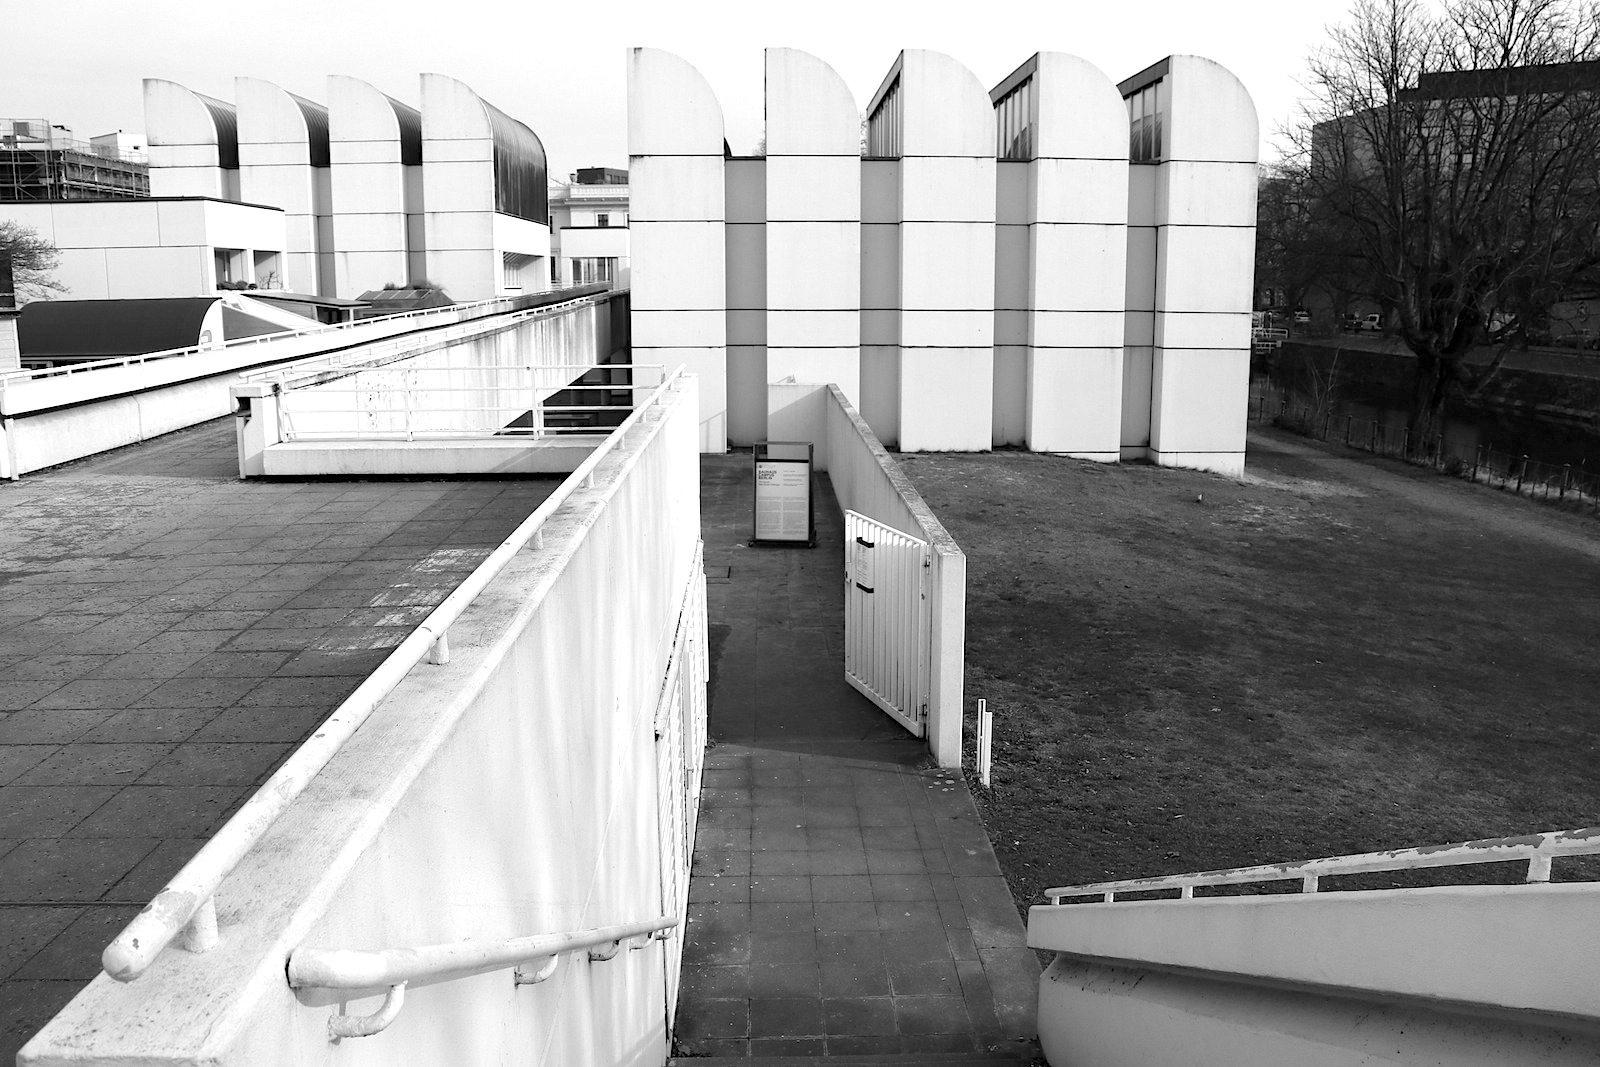 Bauhaus-Archiv / Museum für Gestaltung.  Entwurf Walter Gropius, Fertigstellung 1979. Das Archiv hat die weltweit umfangreichste Sammlung zur Geschichte des Bauhauses.